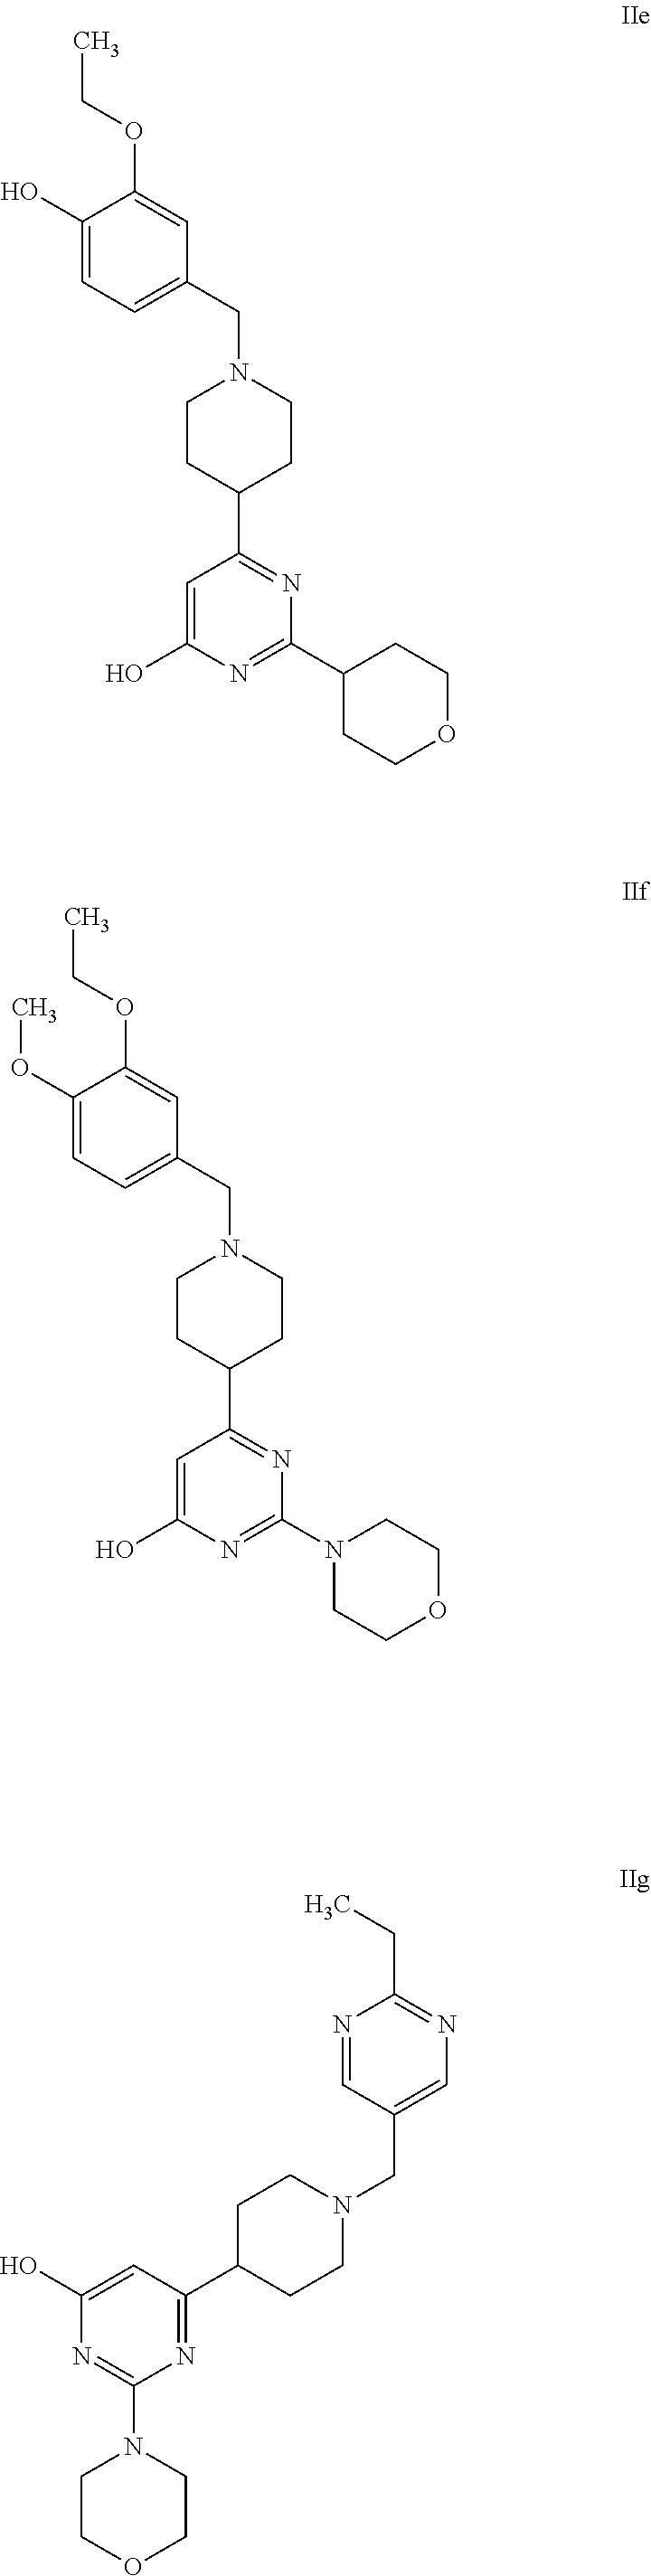 Figure US09085585-20150721-C00022